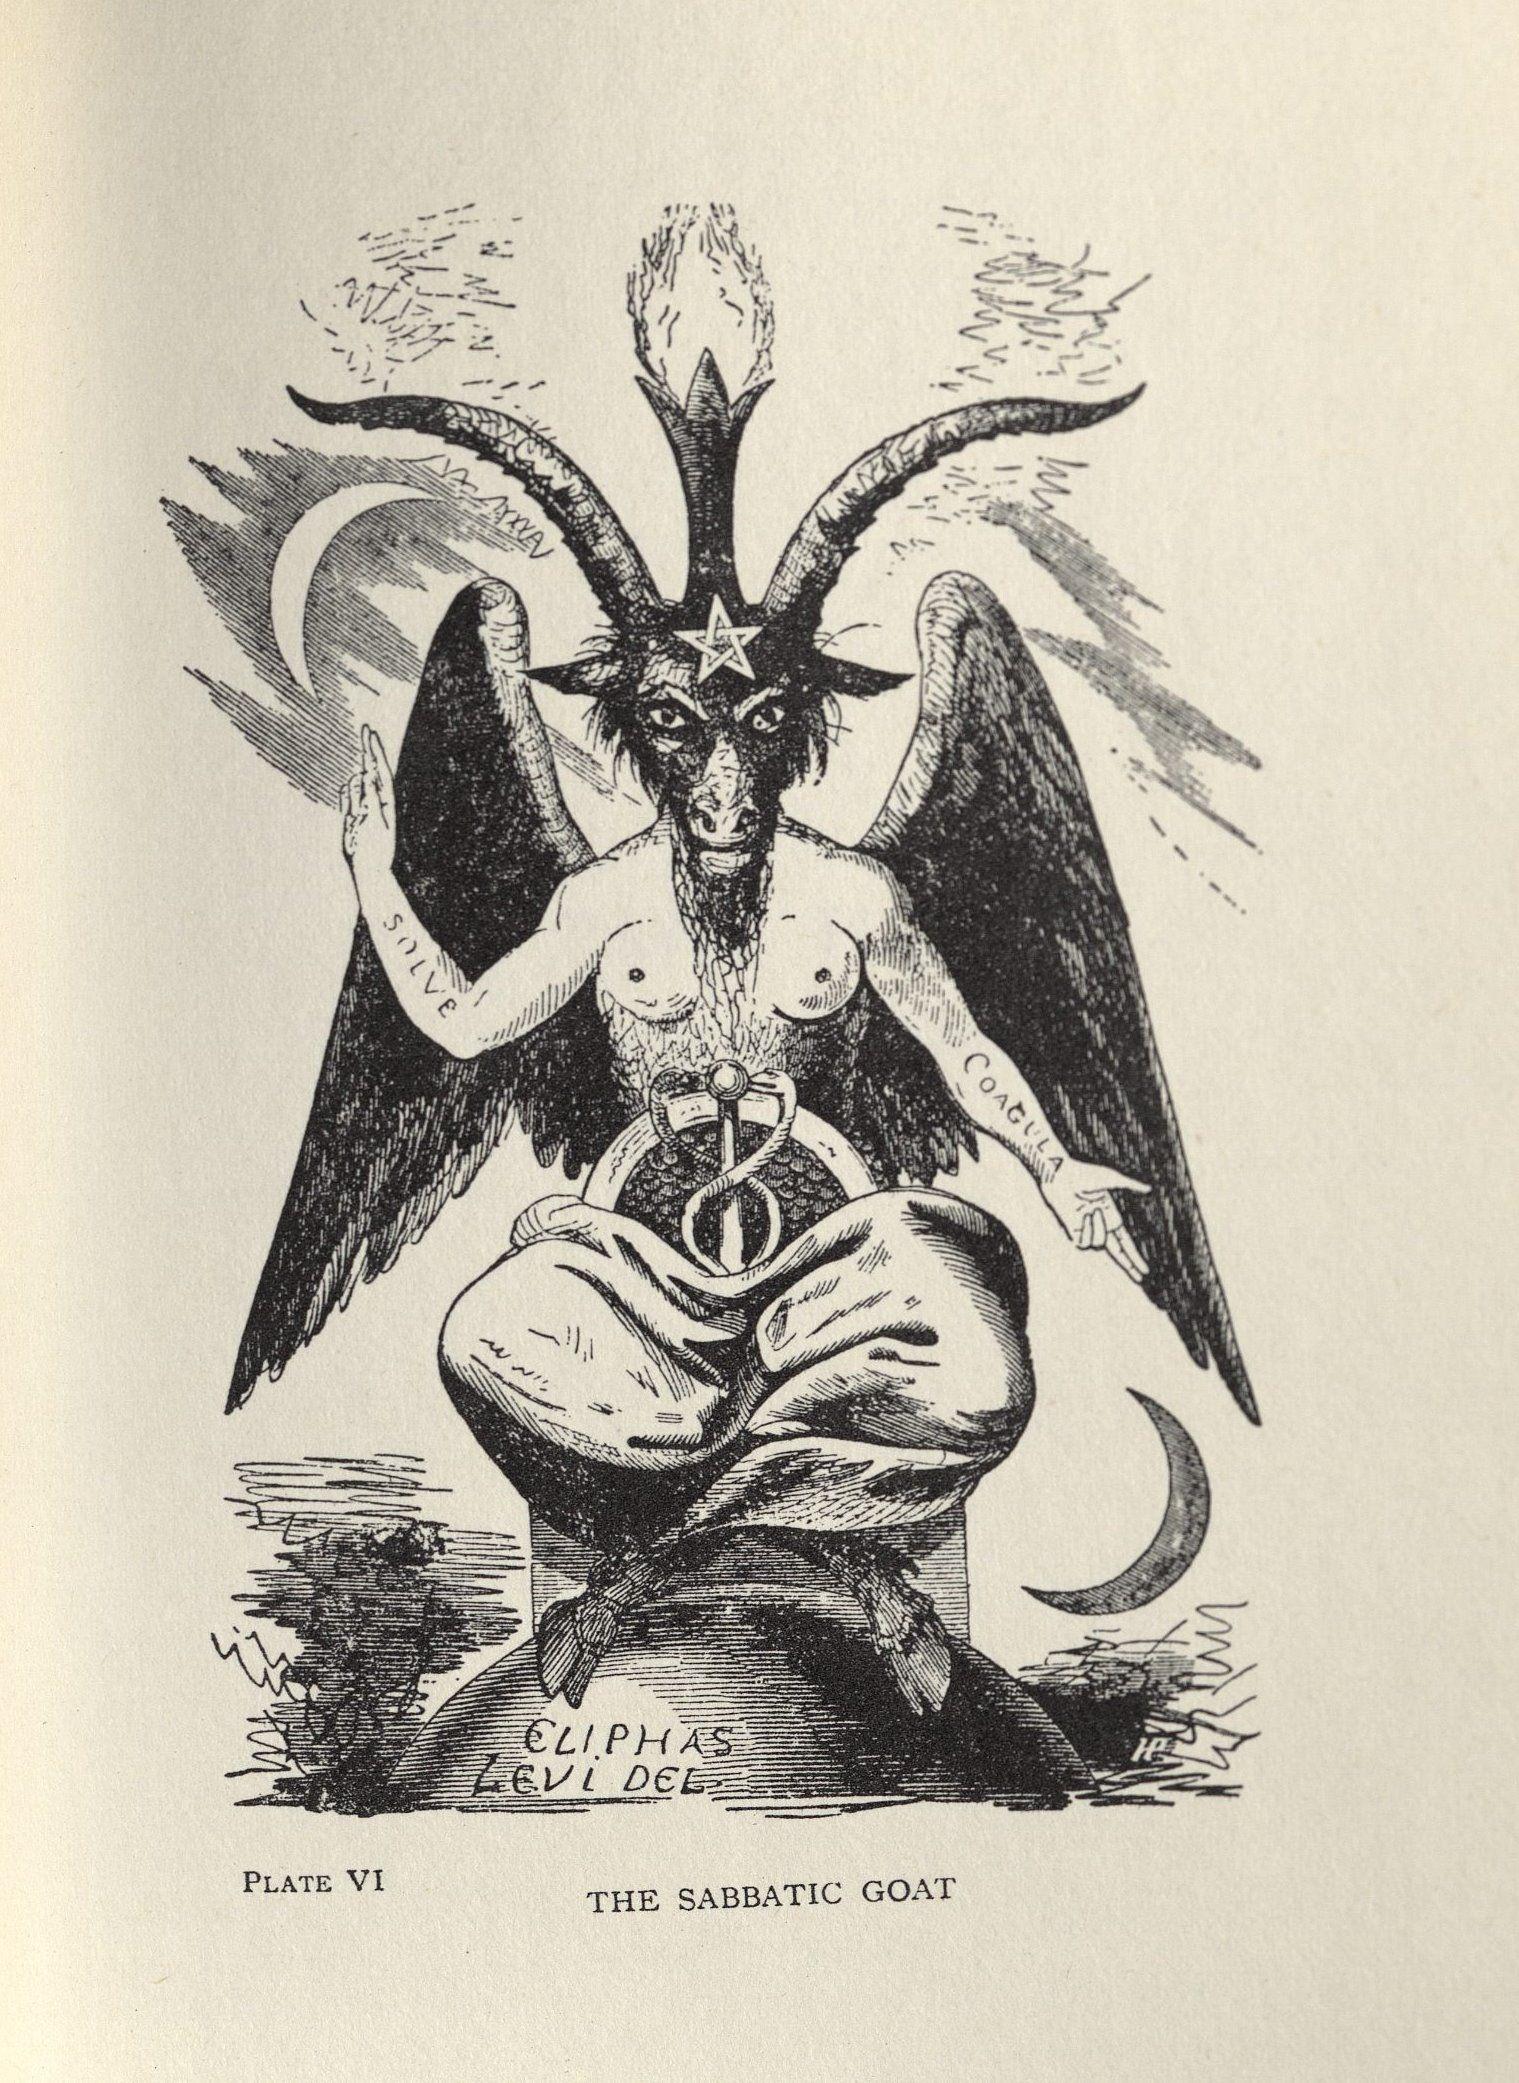 666 baphomet